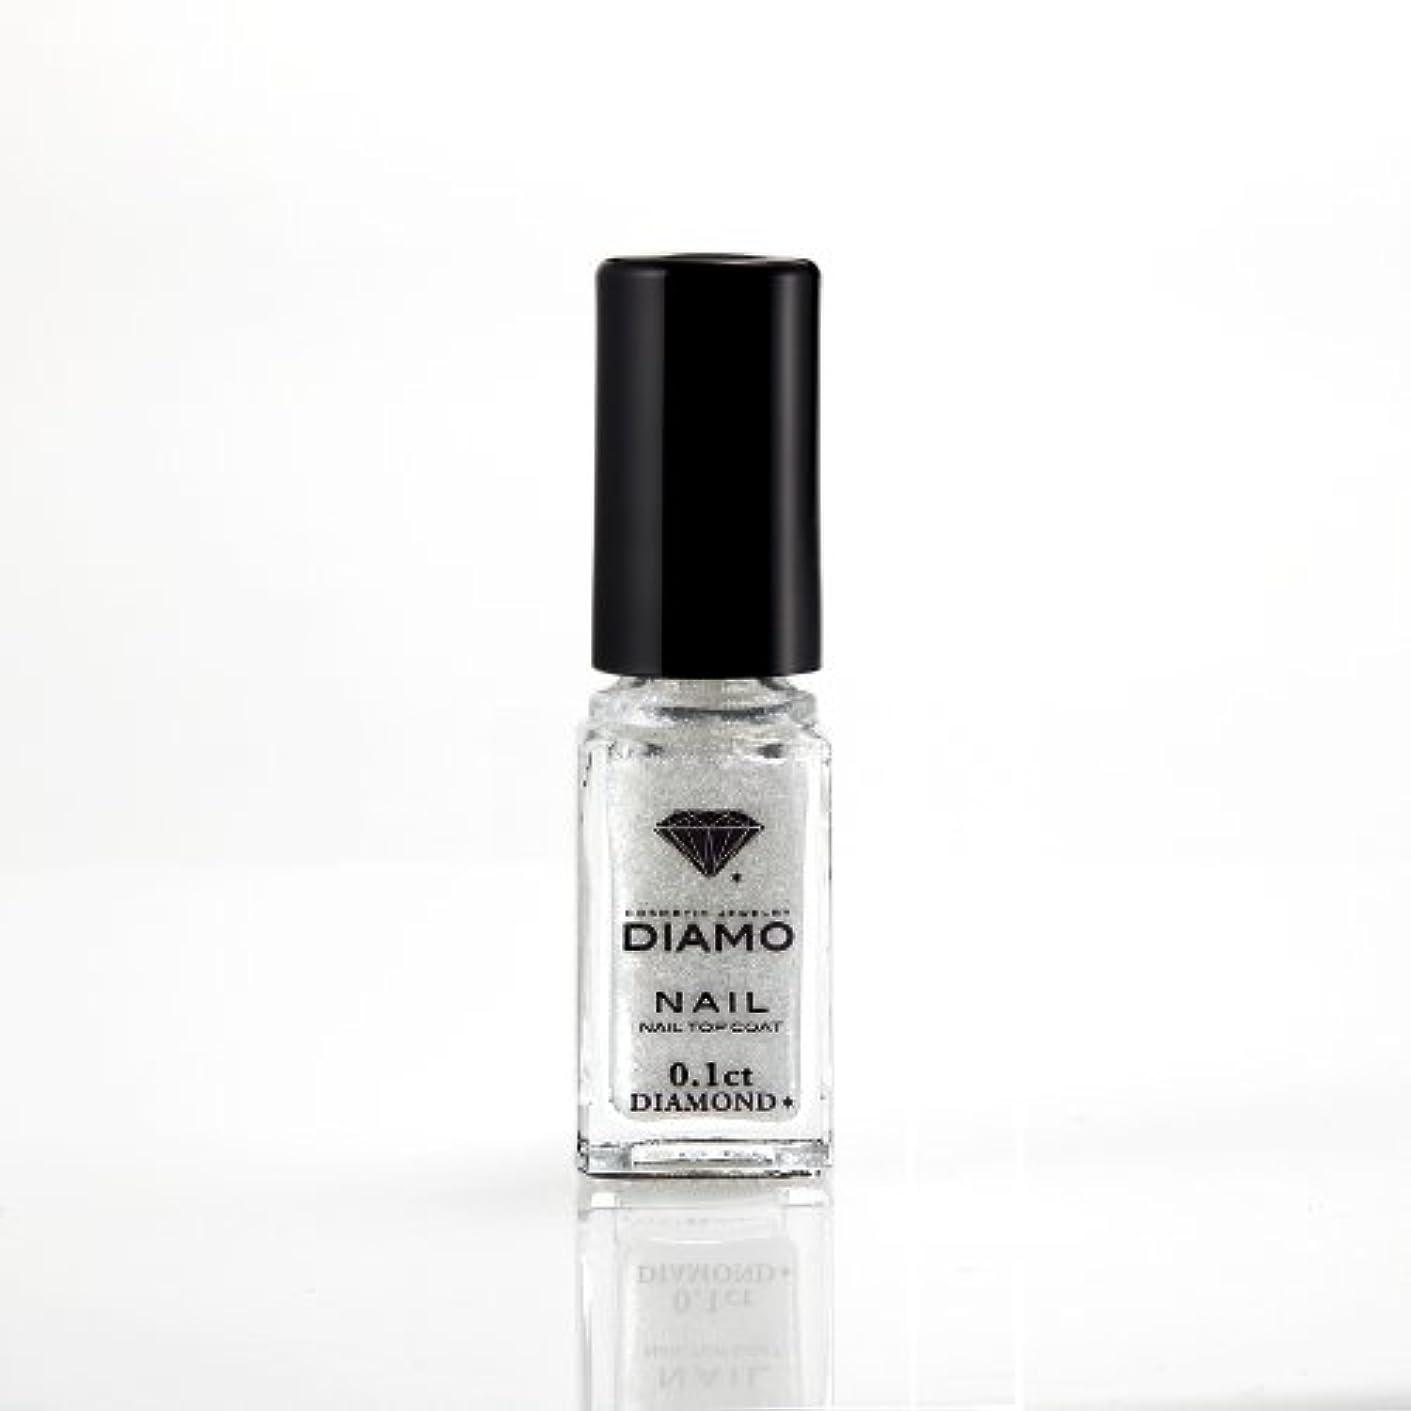 サーキュレーション謝罪する雰囲気DIAMO NAIL TOP COAT ディアモ ネイル トップコート0.1ct 天然ダイヤモンド粉末入り5ml